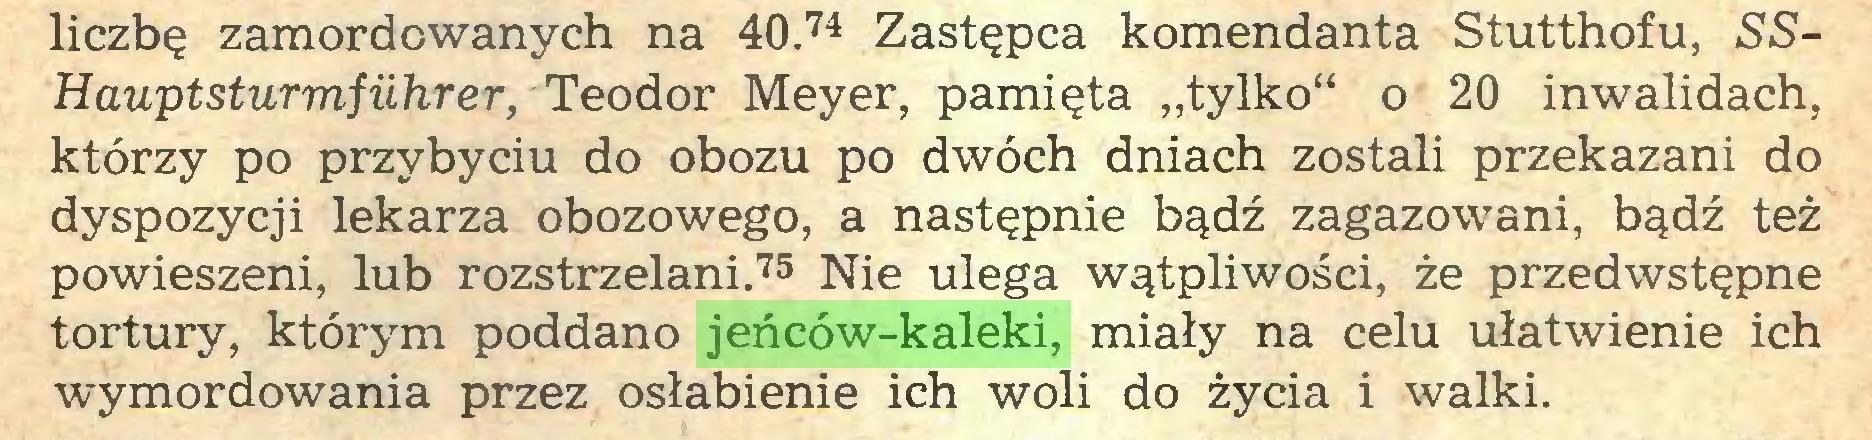 """(...) liczbę zamordowanych na 40.74 Zastępca komendanta Stutthofu, SSHauptsturmfiihrer, Teodor Meyer, pamięta """"tylko"""" o 20 inwalidach, którzy po przybyciu do obozu po dwóch dniach zostali przekazani do dyspozycji lekarza obozowego, a następnie bądź zagazowani, bądź też powieszeni, lub rozstrzelani.75 Nie ulega wątpliwości, że przedwstępne tortury, którym poddano jeńców-kaleki, miały na celu ułatwienie ich wymordowania przez osłabienie ich woli do życia i walki..."""